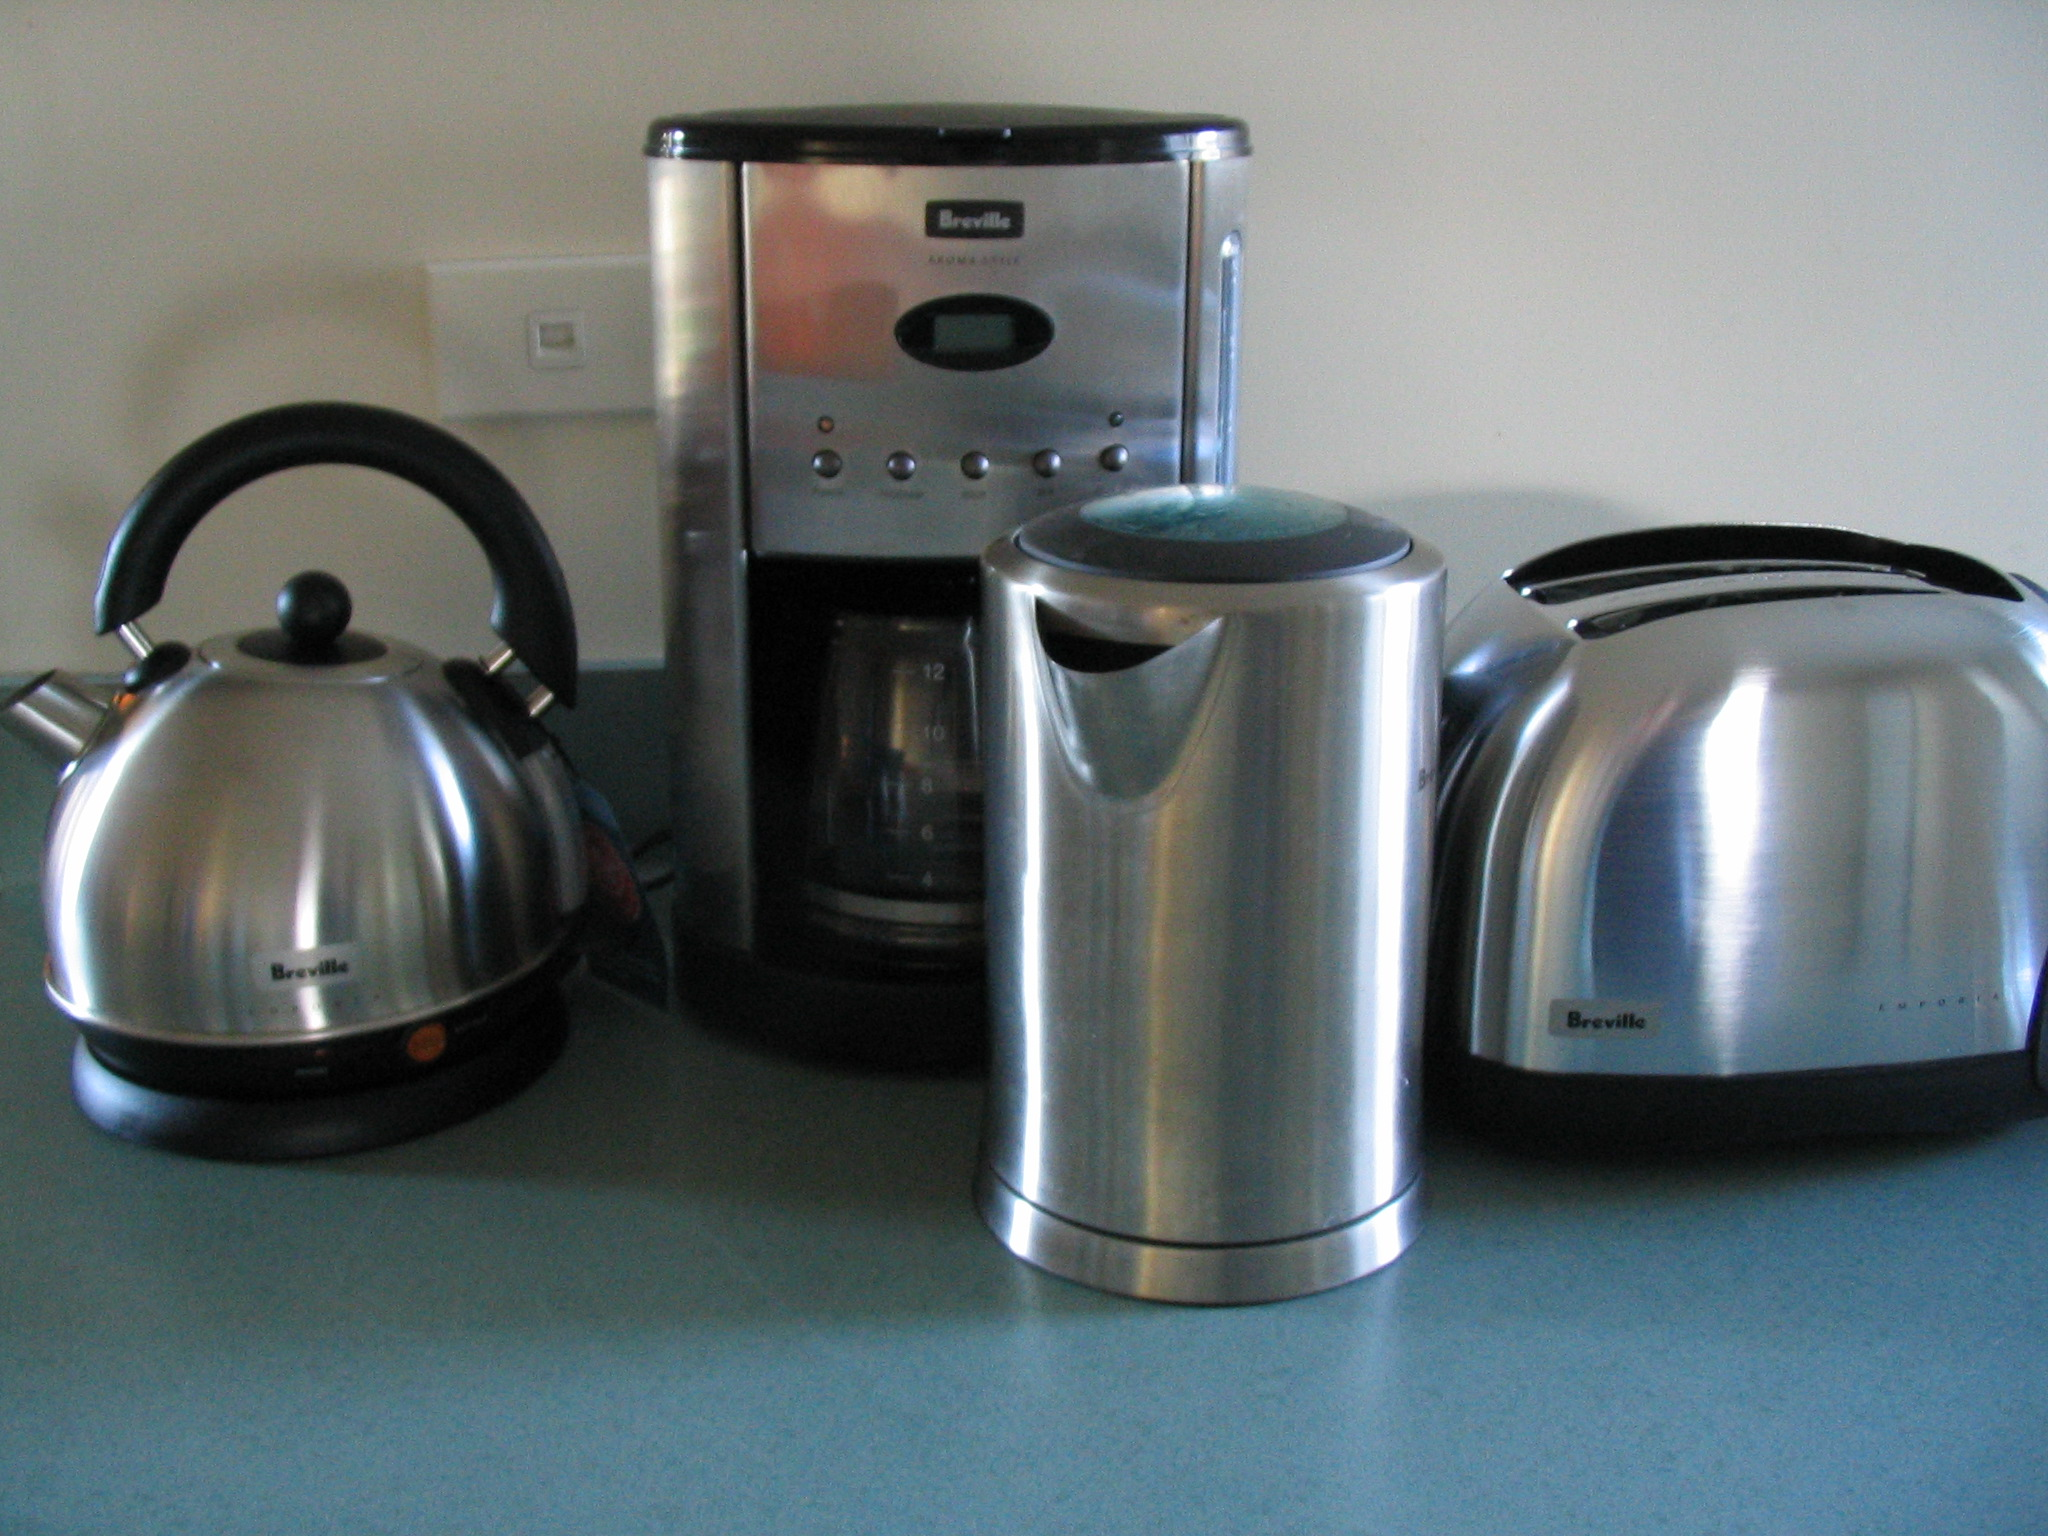 Piccoli elettrodomestici 3 idee regalo utili per la casa for Idee regalo per la casa